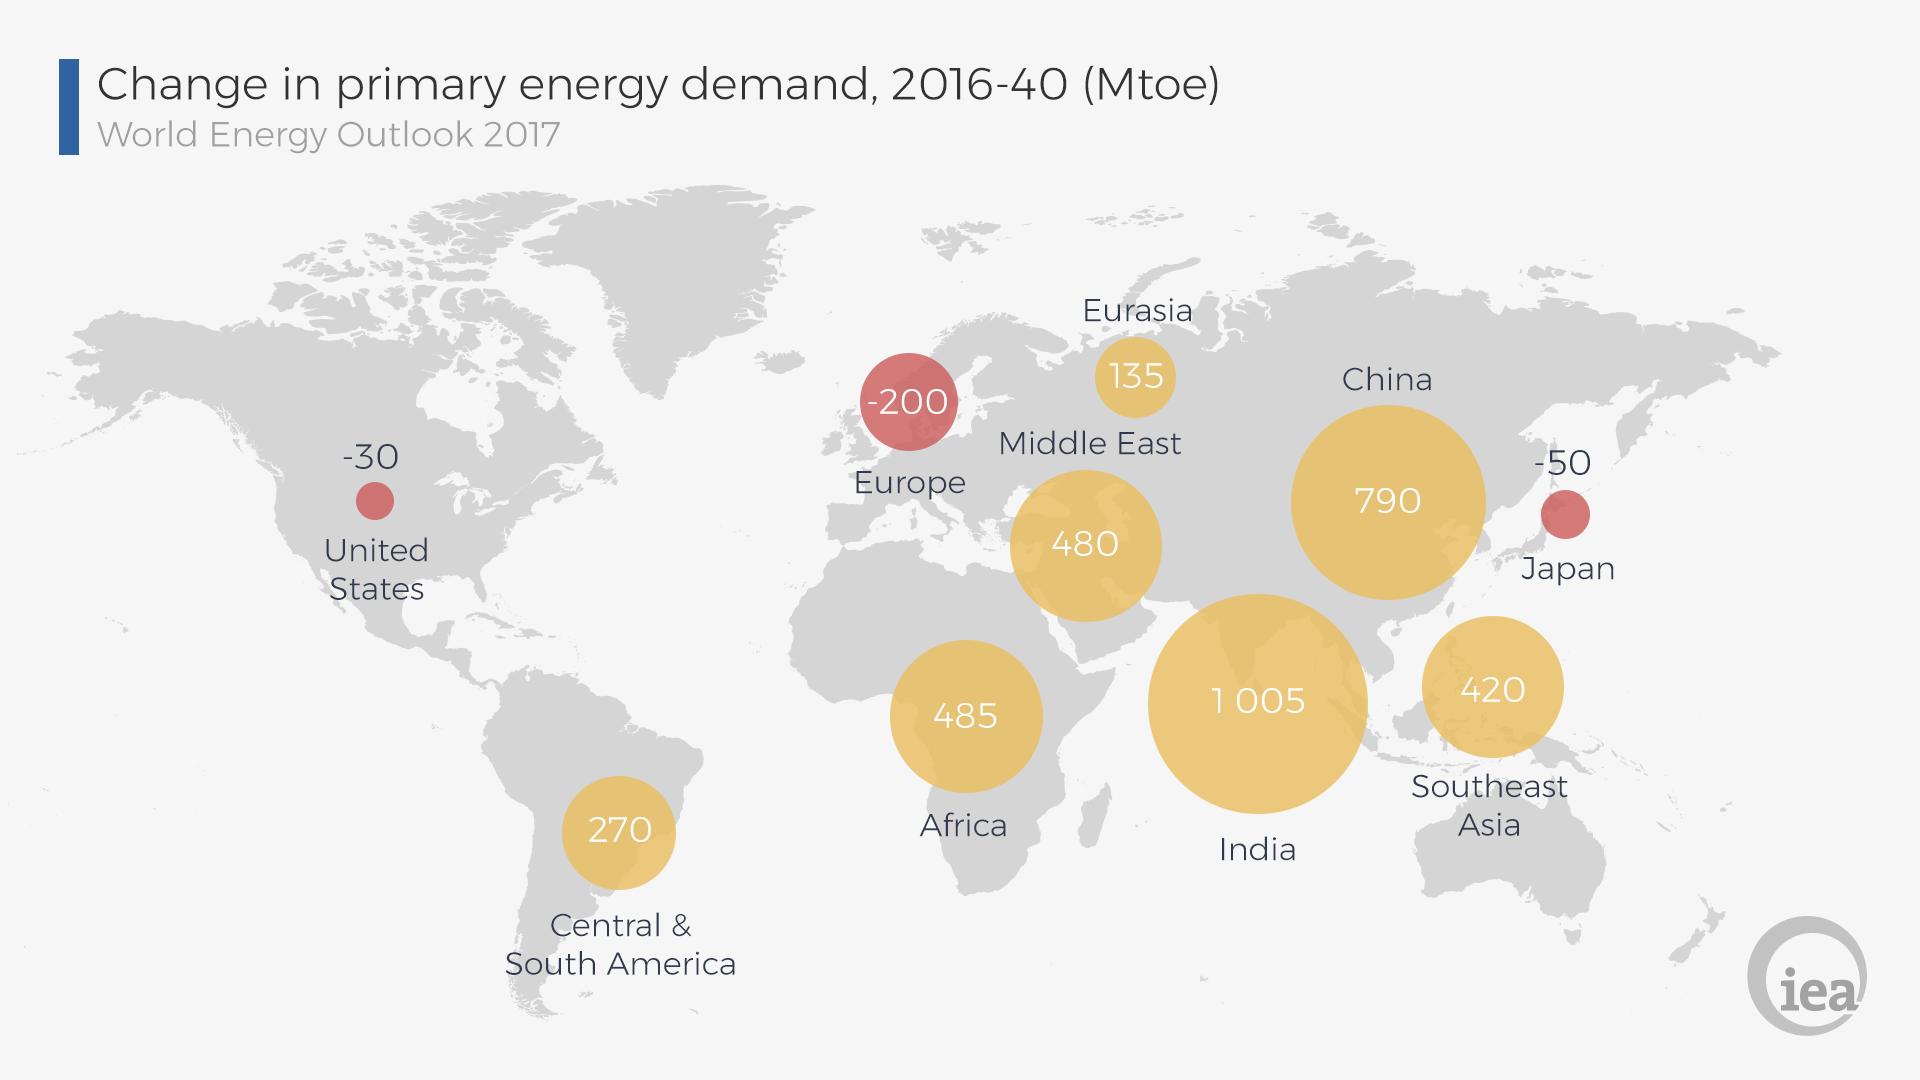 国际能源署:2040年世界能源和电力需求将增长30 互联网数据资讯中心 199it 中文互联网数据研究资讯